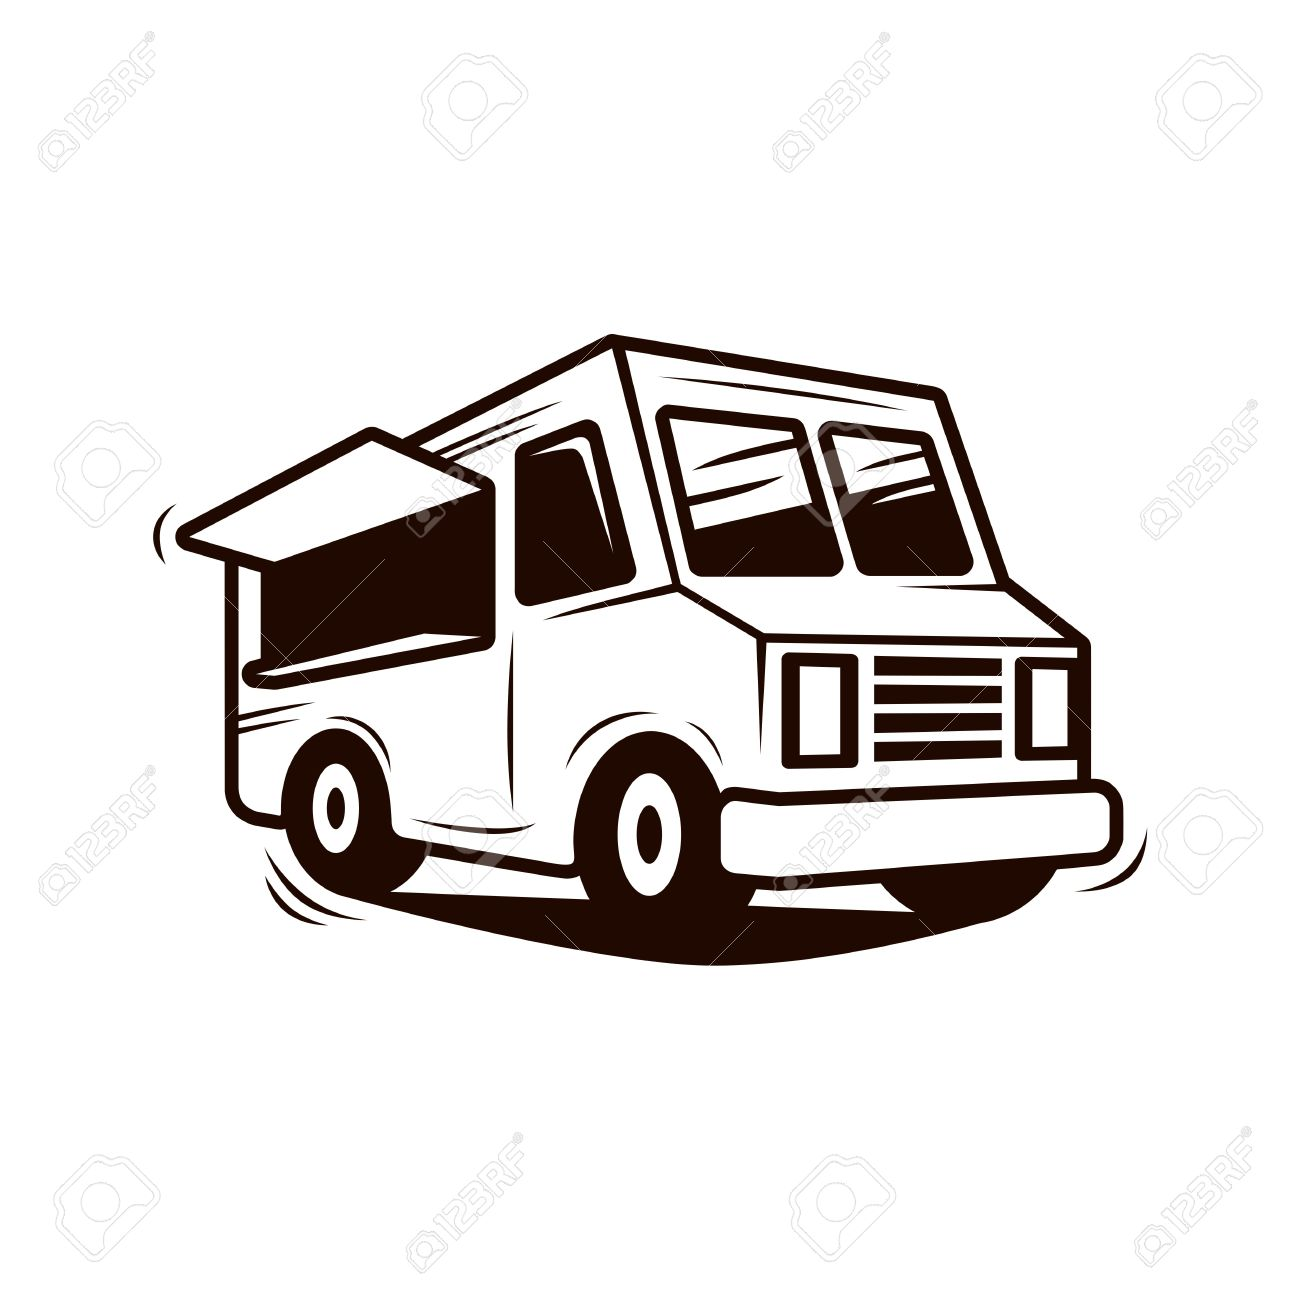 Food truck line art vector.